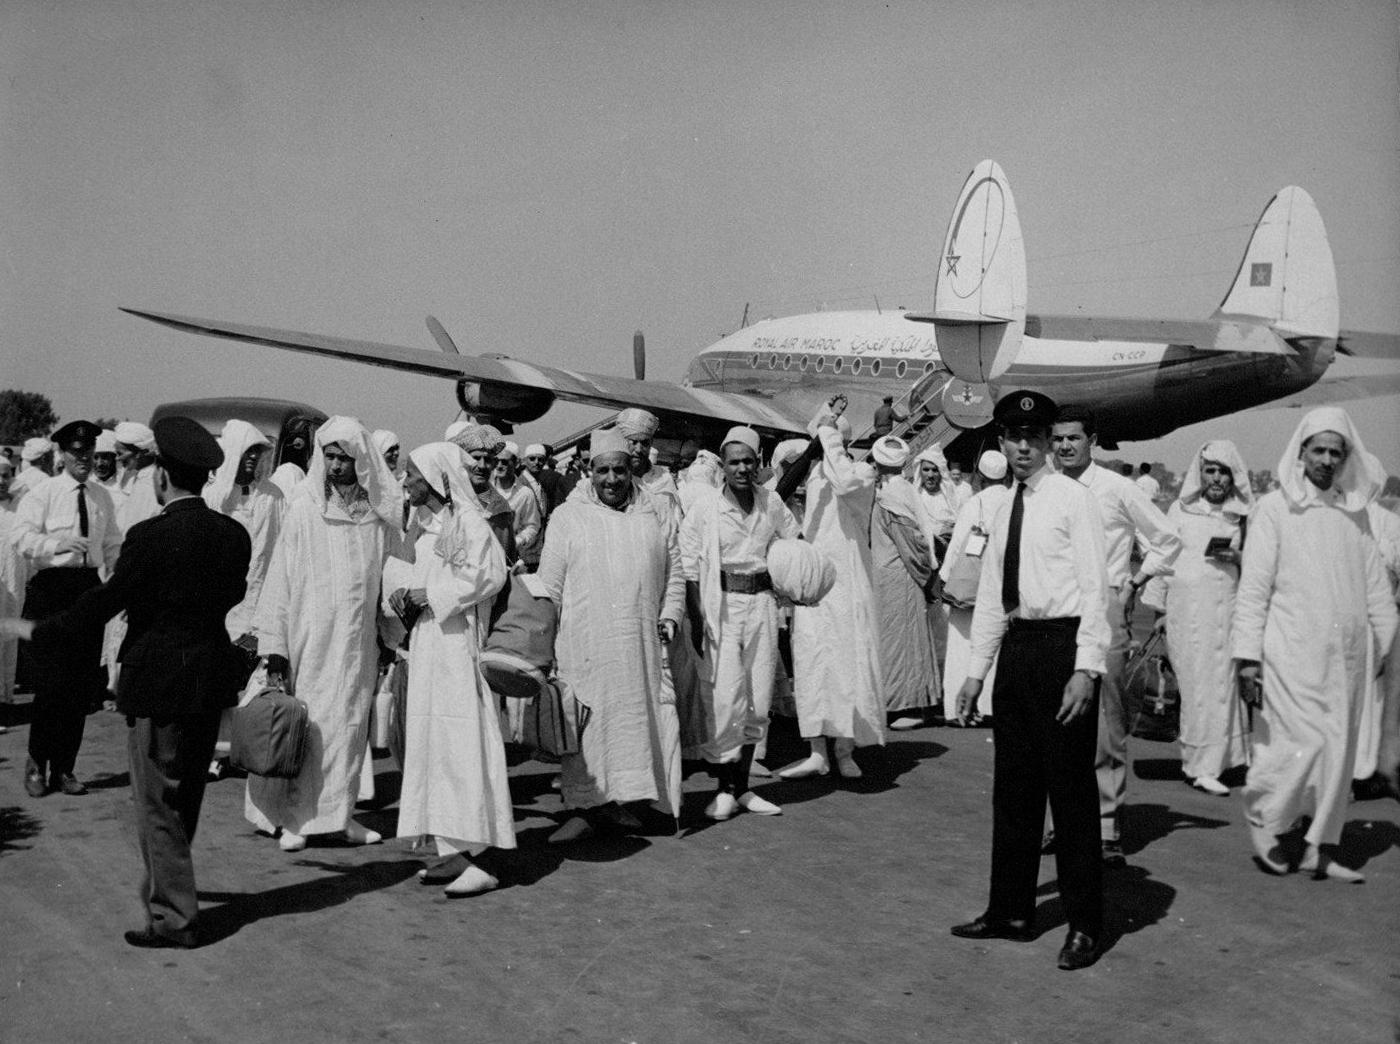 Anciens avions de la RAM - Page 4 48812105411_d4671ac9da_o